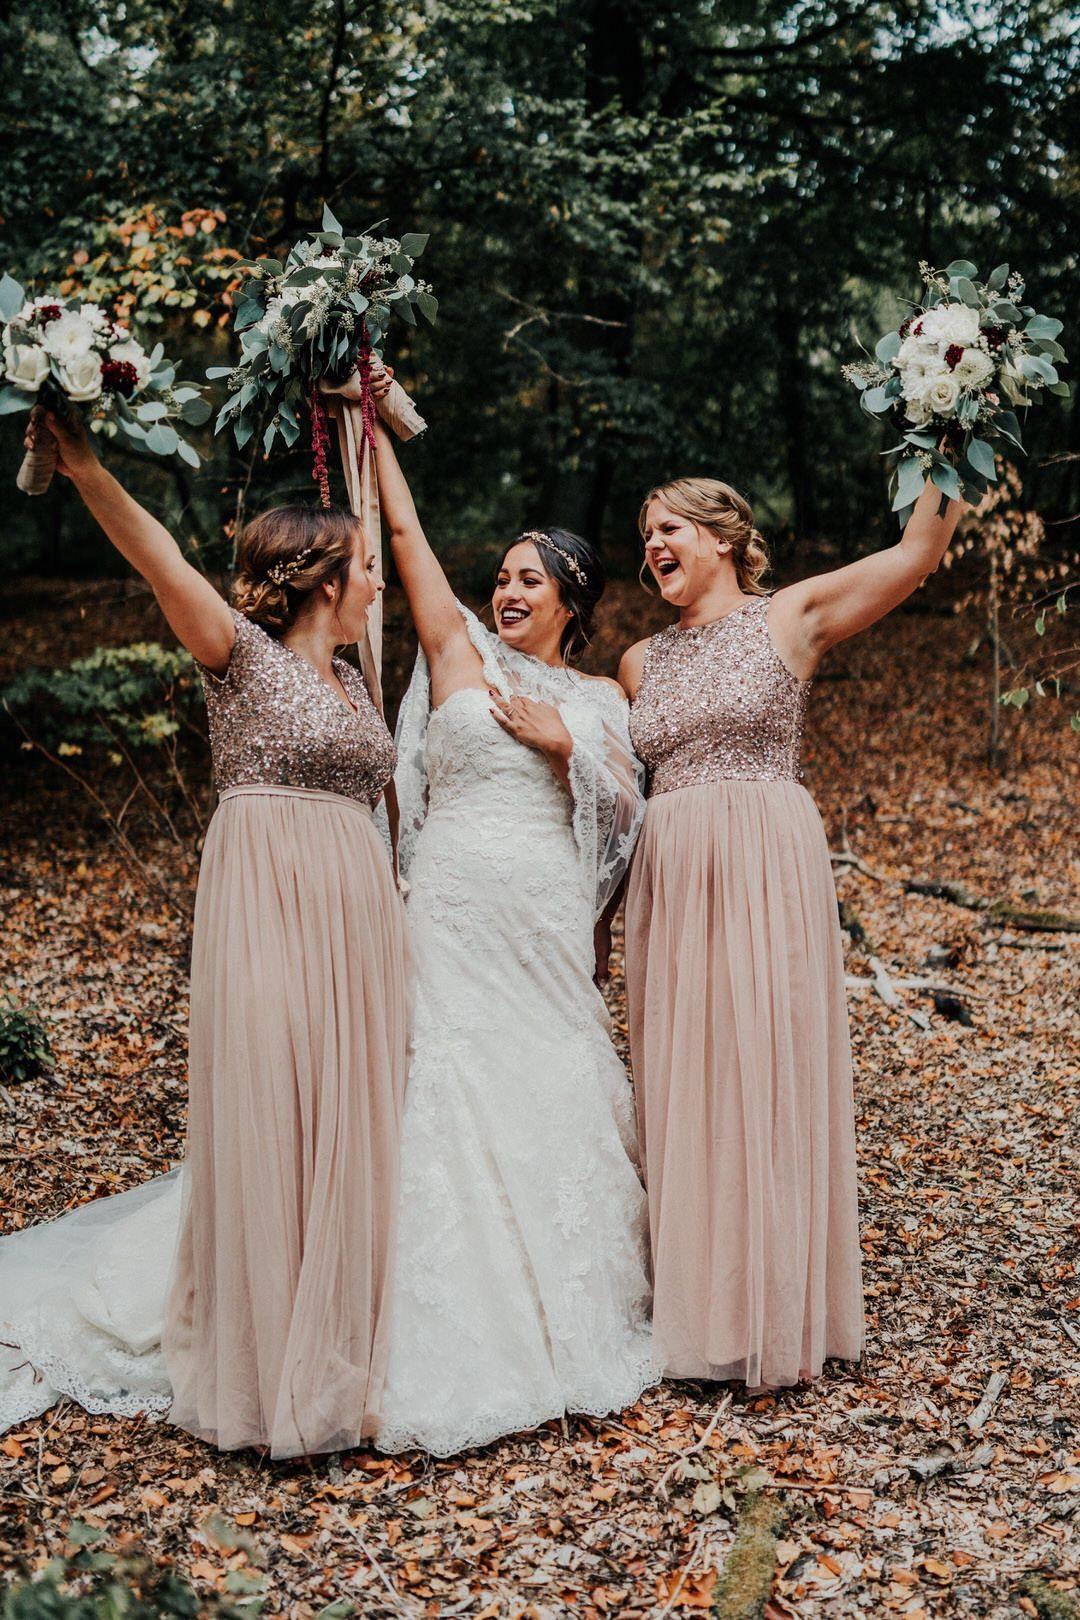 Ideen für das Shooting mit den Trauzeugen bei den Hochzeitsfotos